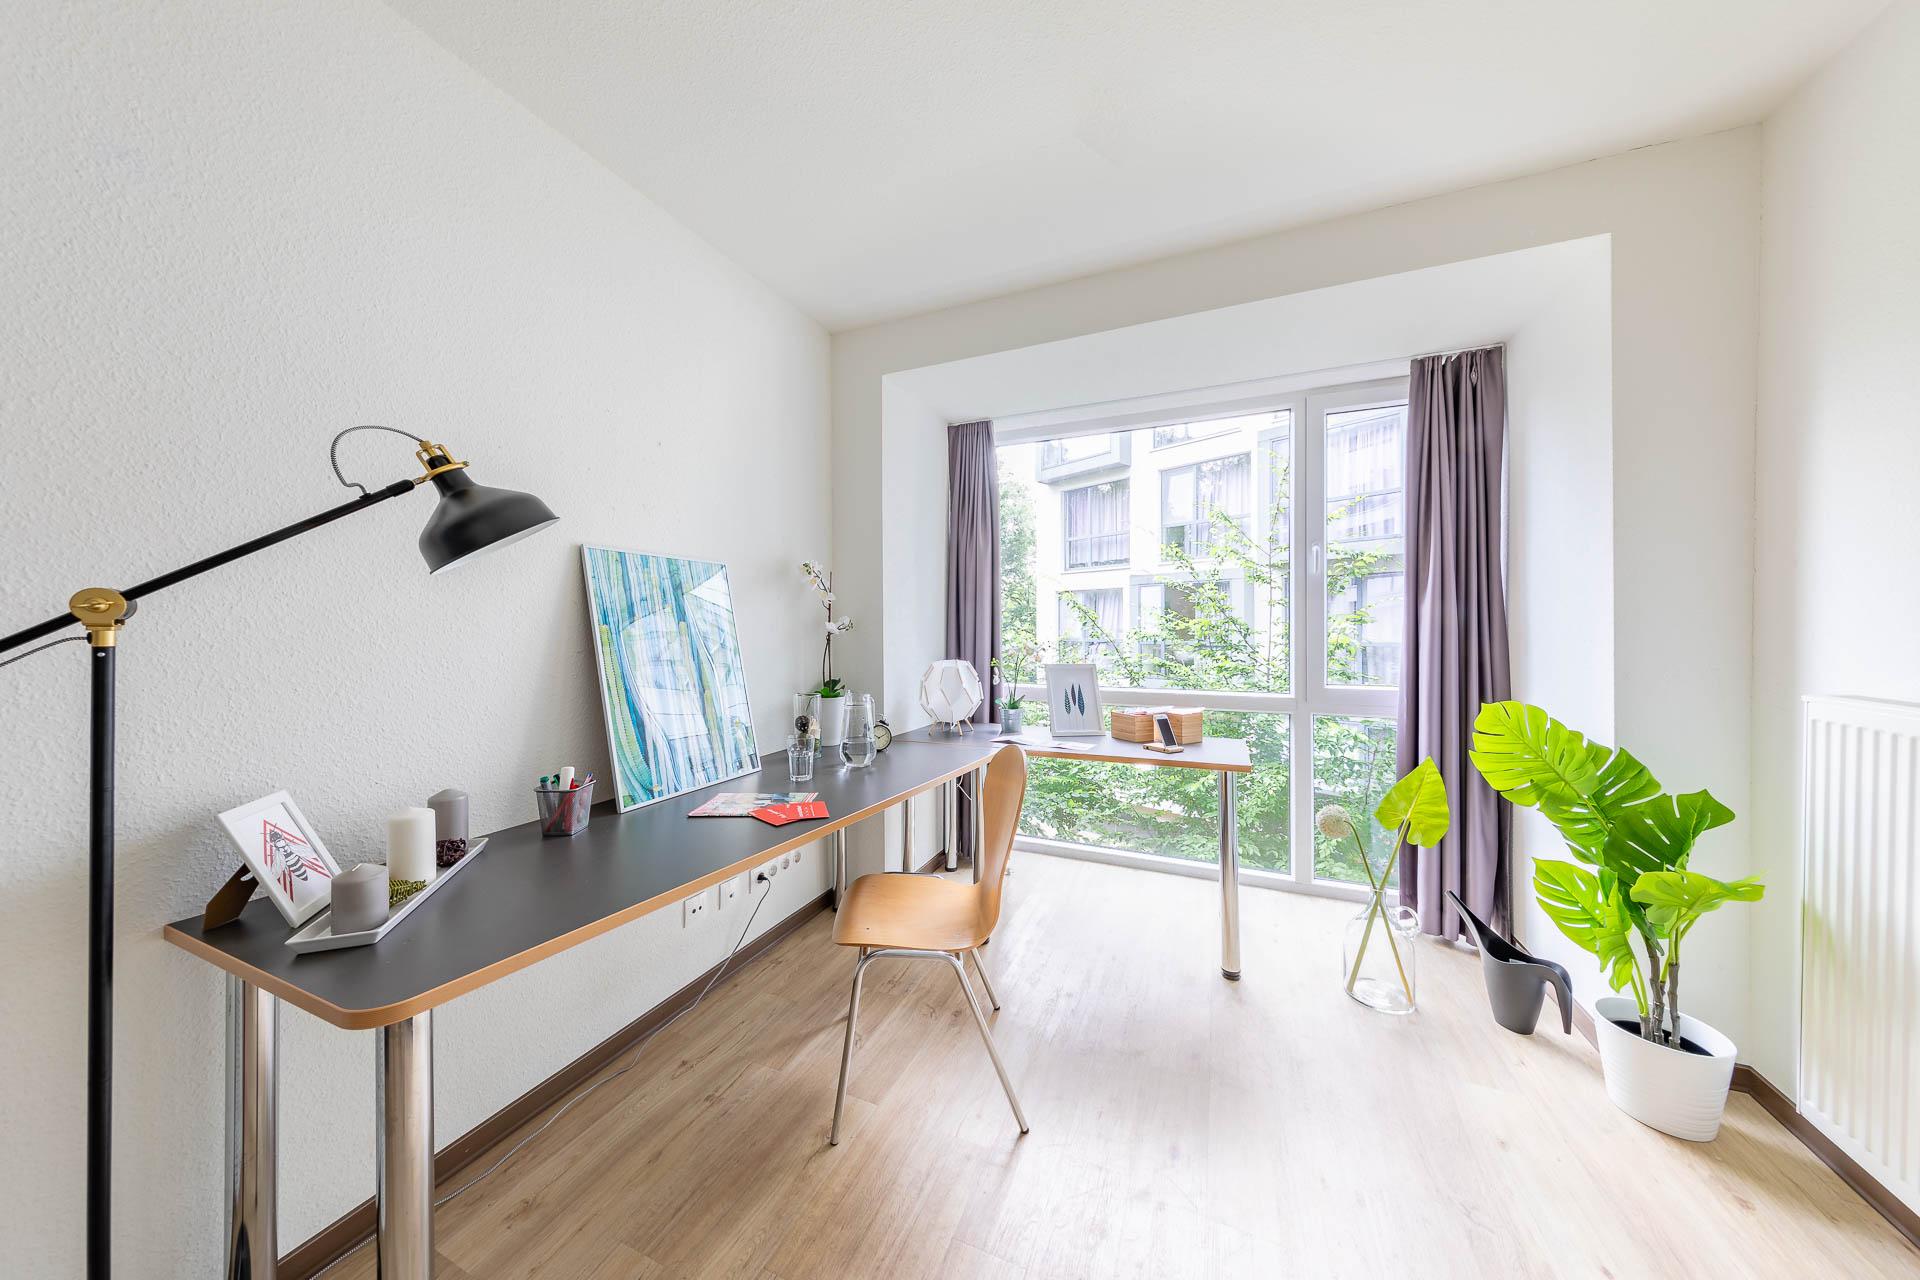 THE FIZZ Bremen Medium - Wohn- & Arbeitsbereich